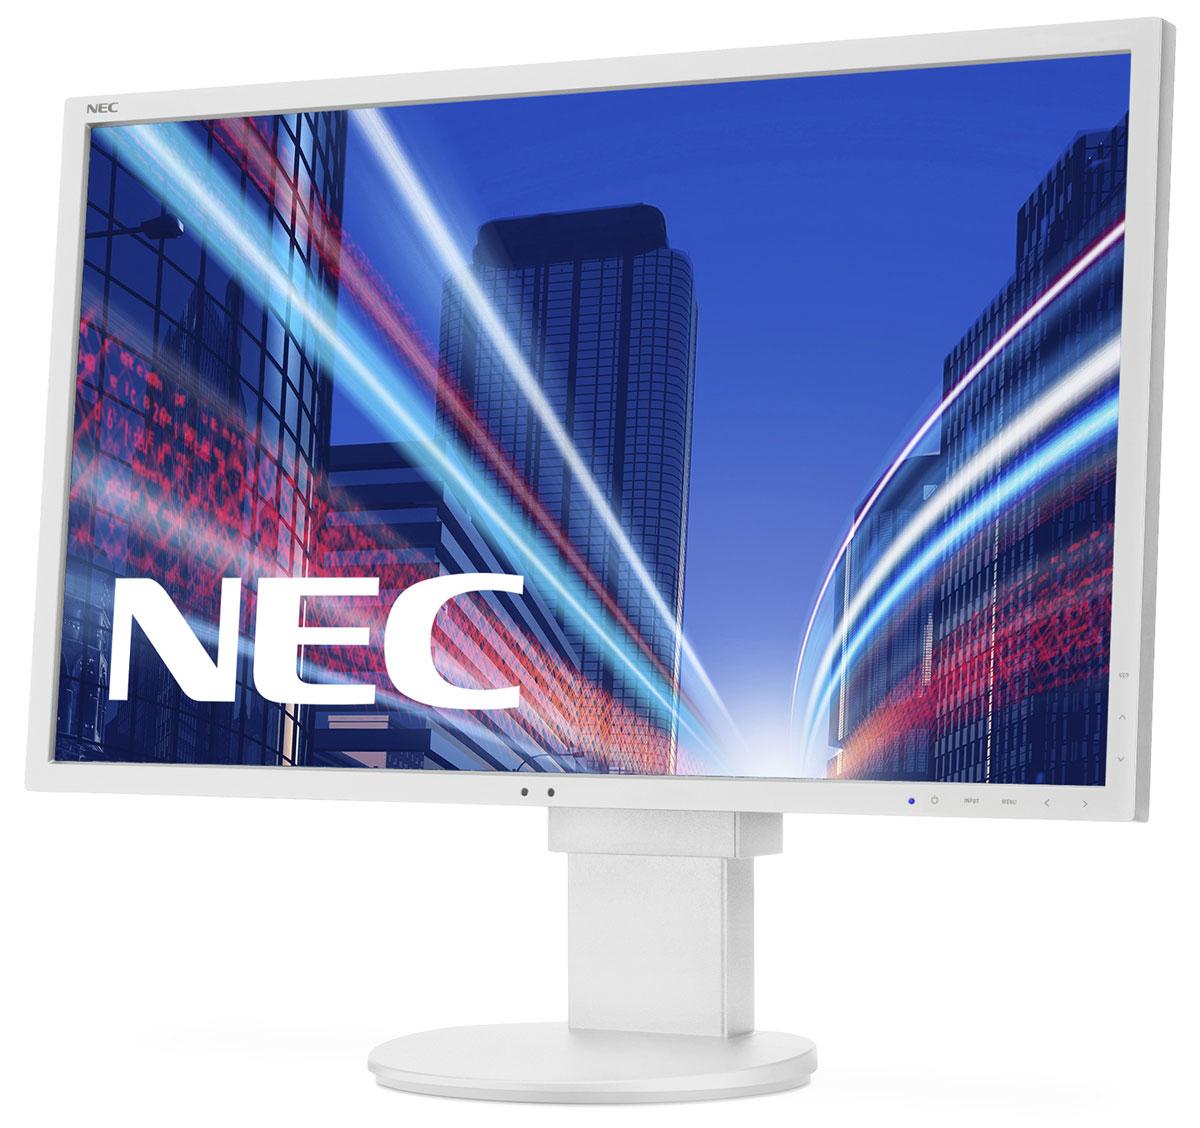 NEC EA275WMi, White монитор60003814Модель NEC EA275WMi обладает очень тонкой 27 IPS-панелью со светодиодной подсветкой и разрешением 2560 x1440, что обеспечивает ультрасовременный и тонкий дизайн. Датчик рассеянного света и датчик присутствияявляются стандартными характеристиками данной модели, кроме того, модель обладает улучшеннымиэргономическими характеристиками, например, механизмом регулирования высоты до 130 мм. Эргономическоеисполнение данного дисплея дополняется отличным качеством изображения. Дисплей также располагаетперспективными возможностями соединения с 4 коннекторами: DisplayPort, DVI-I, HDMI и выходом DisplayPort.Идеальный набор функциональных возможностей для офисной эксплуатации – встроенные динамики, гнездо дляподключения наушников и USB-хаб обеспечивают отличные опции для офисной коммуникации.Датчик рассеянного света – благодаря функции автоматической яркости Auto Brightness всегда можнооптимизировать уровень яркости в зависимости от освещения и условий изображения.Датчик присутствия человека – определяет присутствие человека перед экраном и автоматически включает иливыключает экран для экономии электроэнергии.